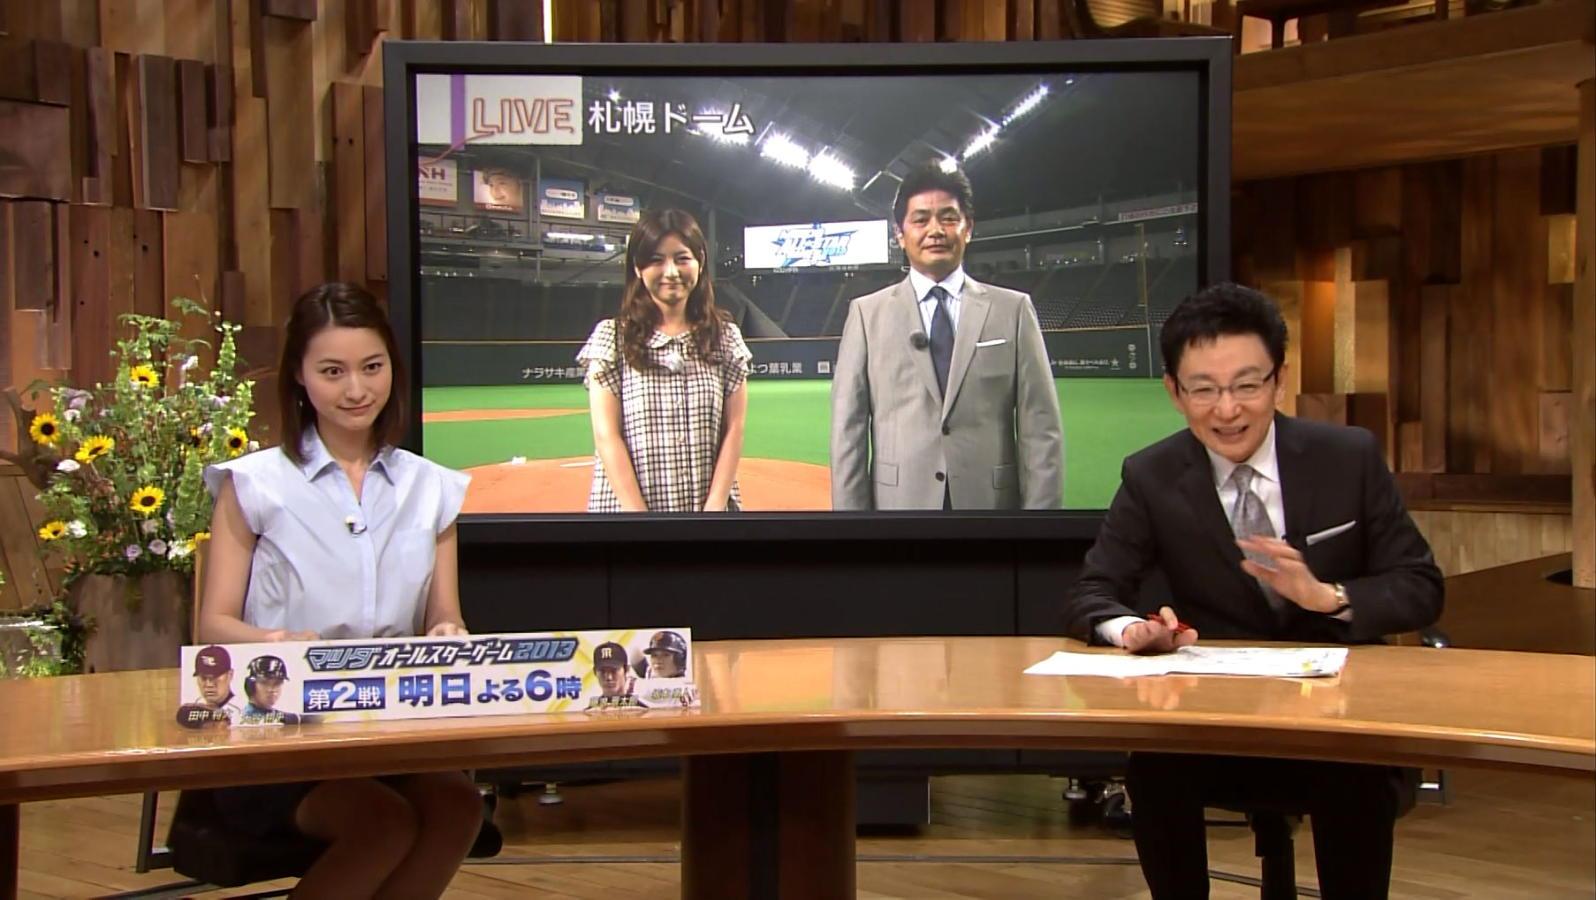 小川彩佳の画像 p1_38